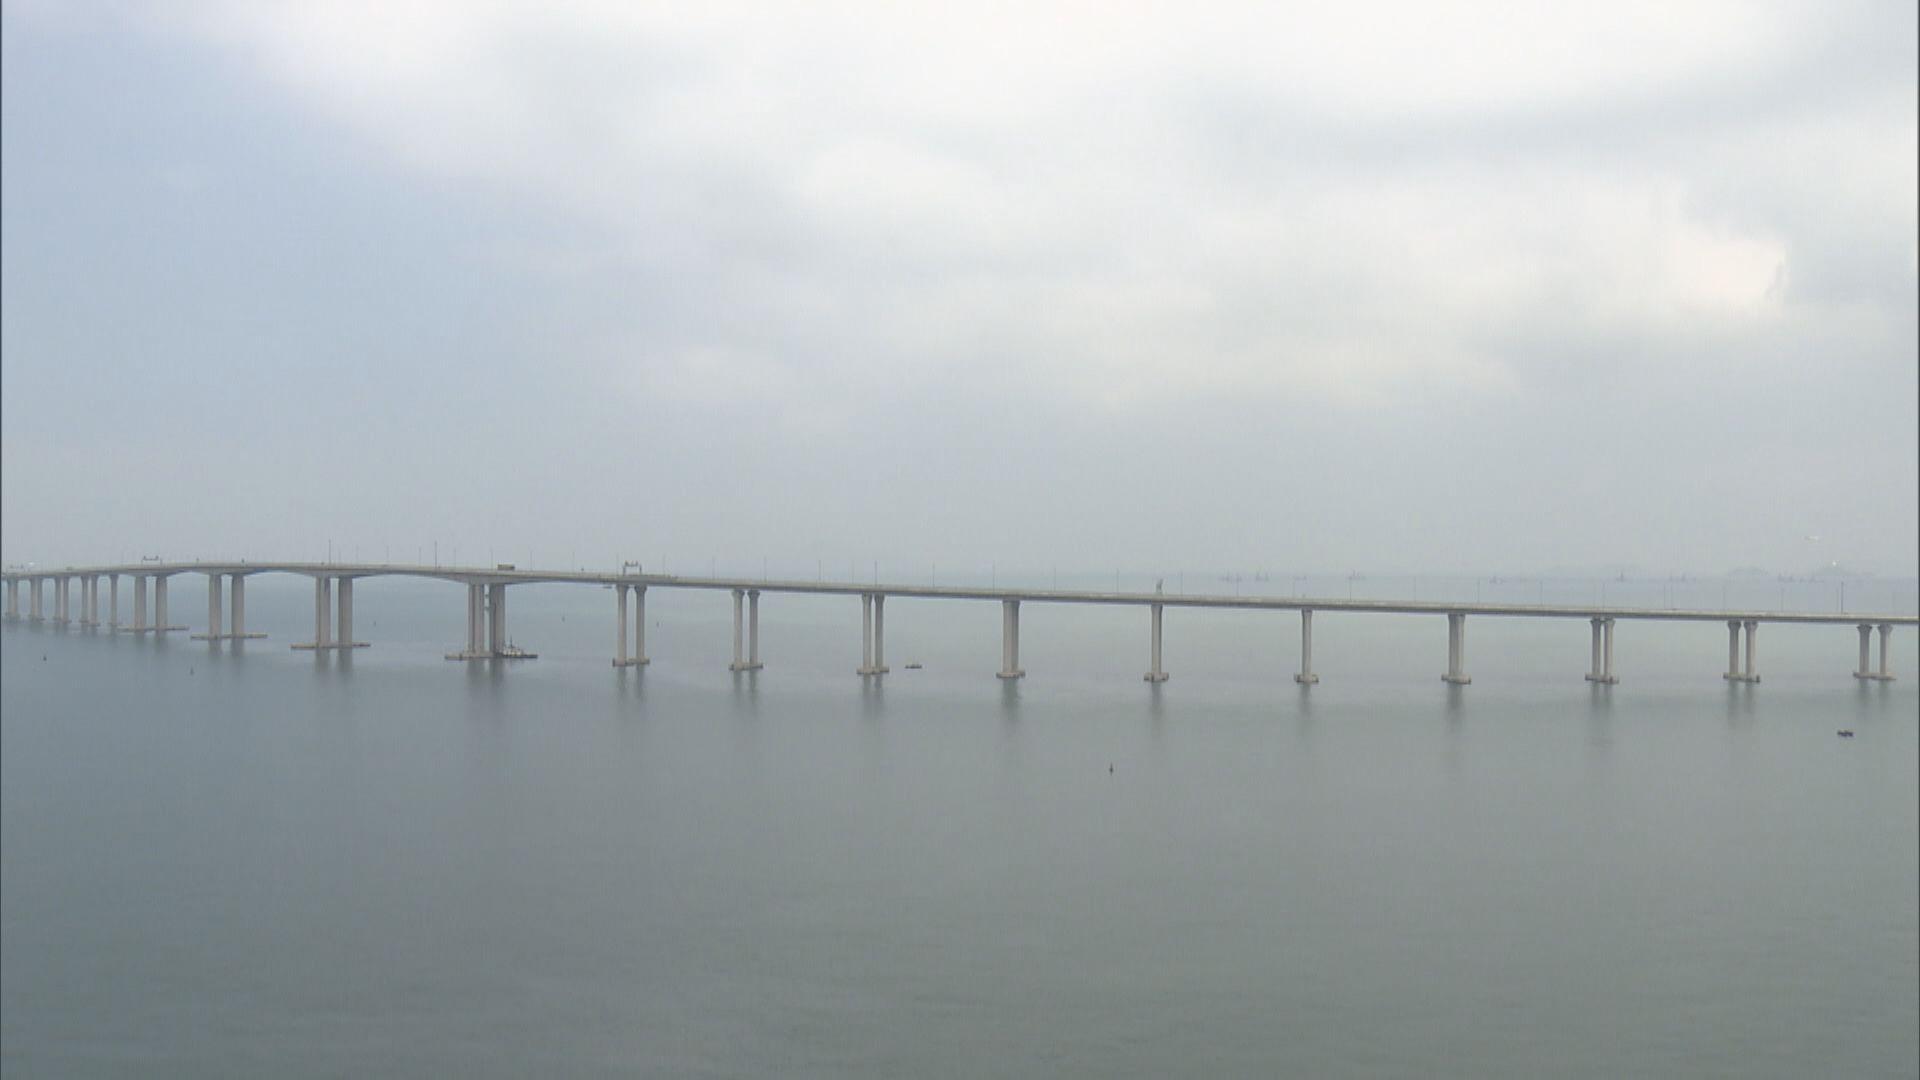 橫琴研究利用香港機場提升大橋車流量